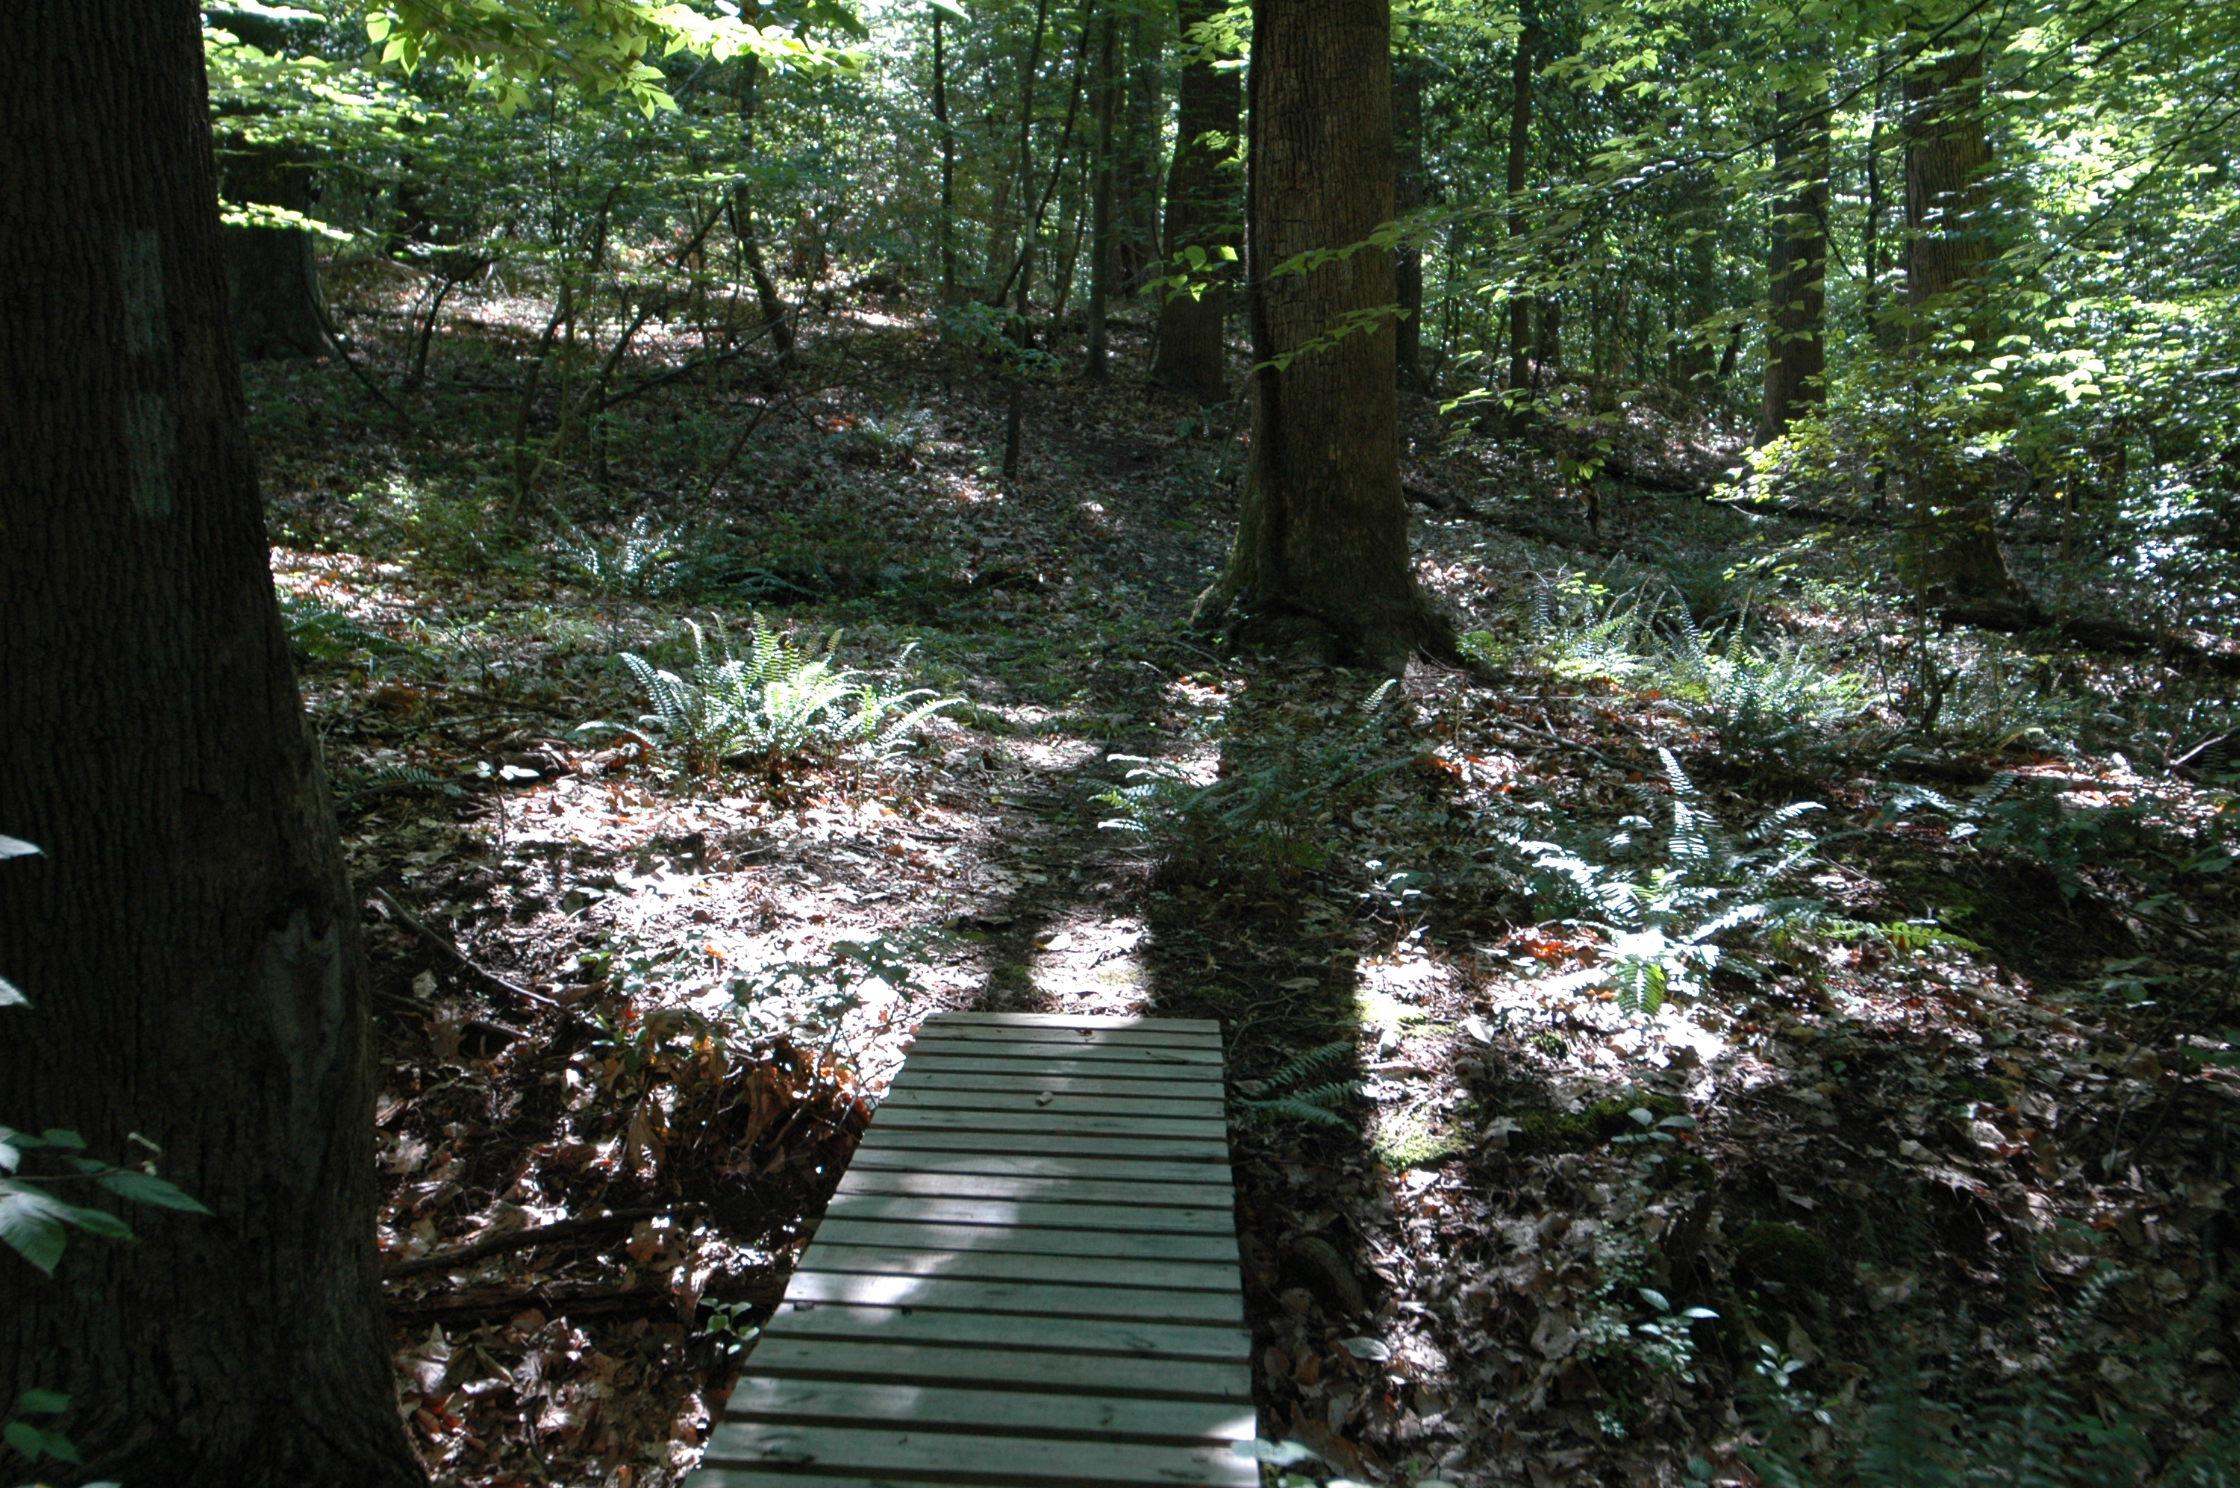 Pine Tree's hiking trail foot bridge.